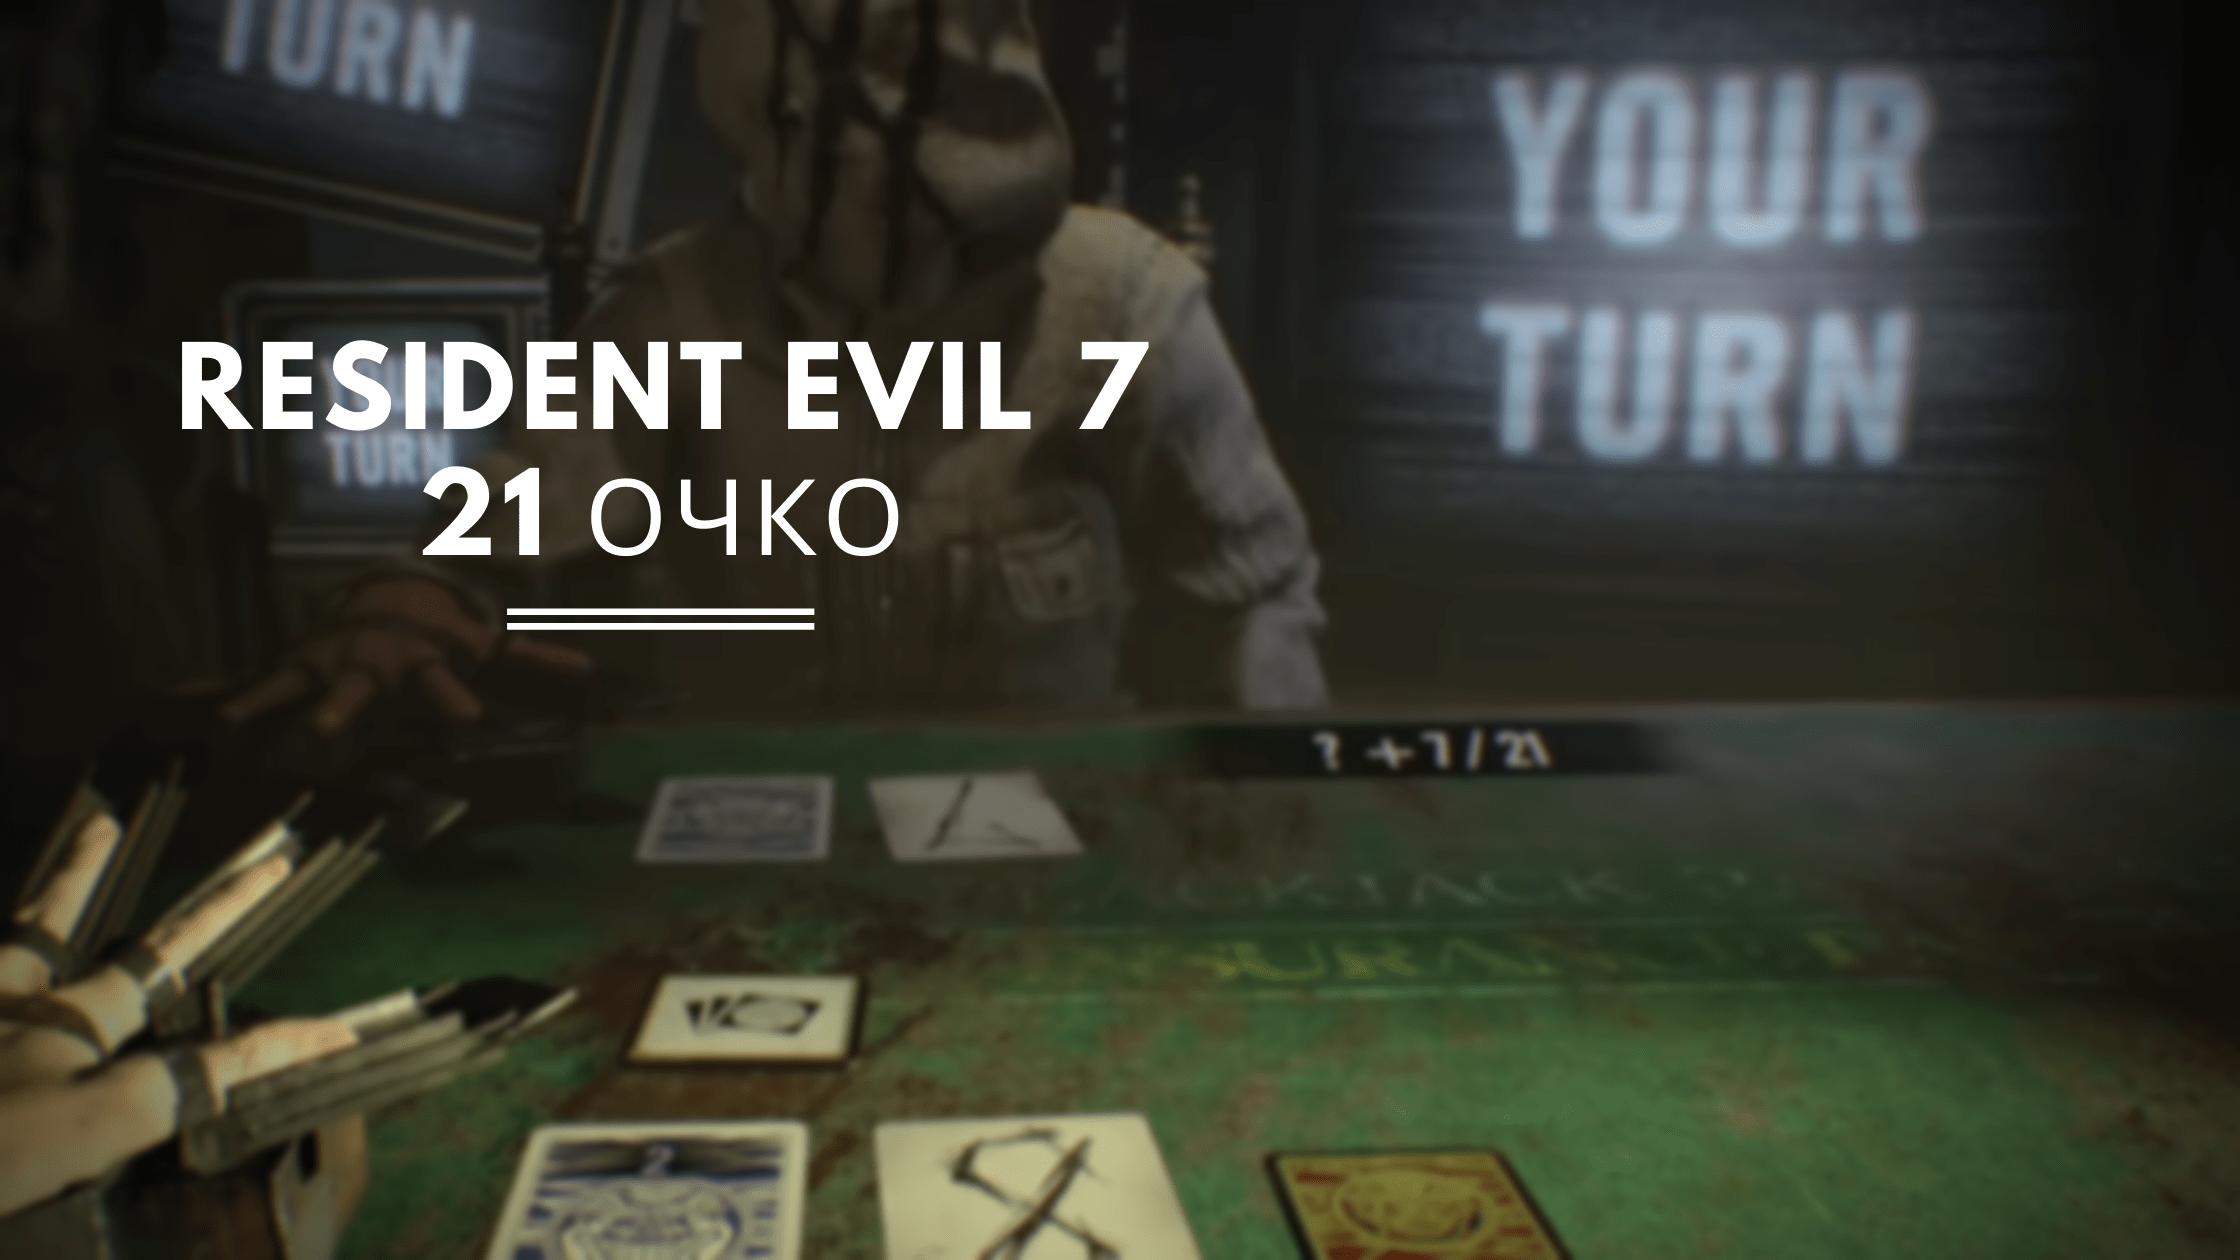 Resident Evil 7: 21 очко